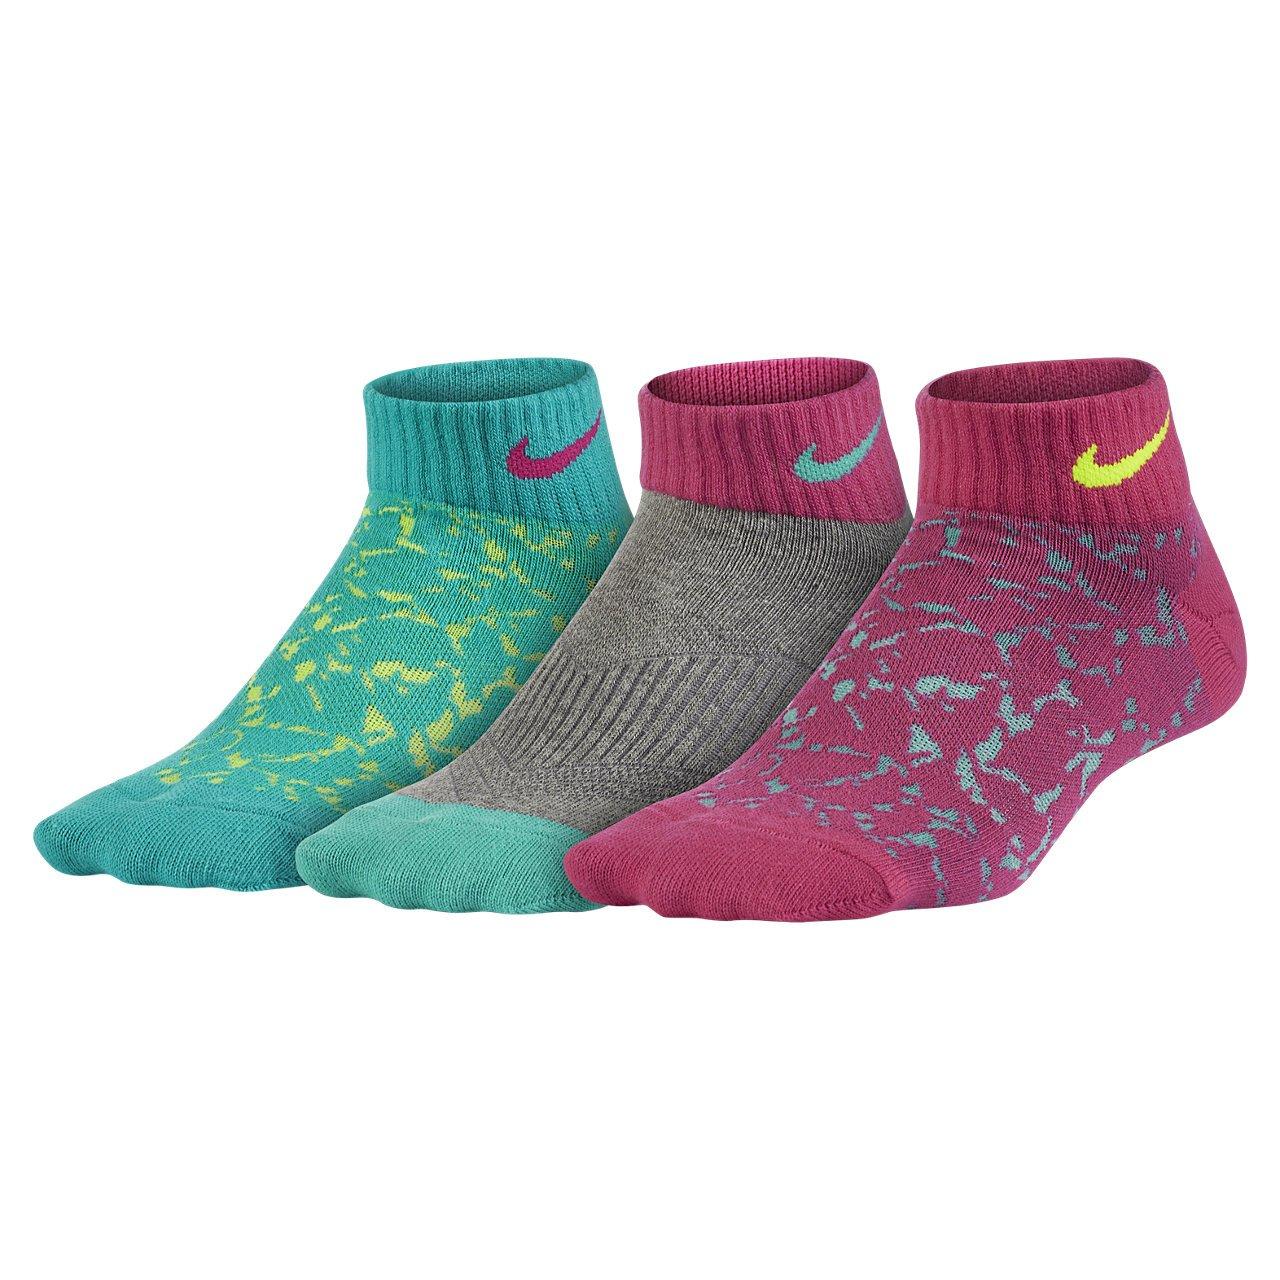 c1169ddc71843 Nike Boy's Dri-FIT Cushioned Crew Athletic Socks 3 Pack